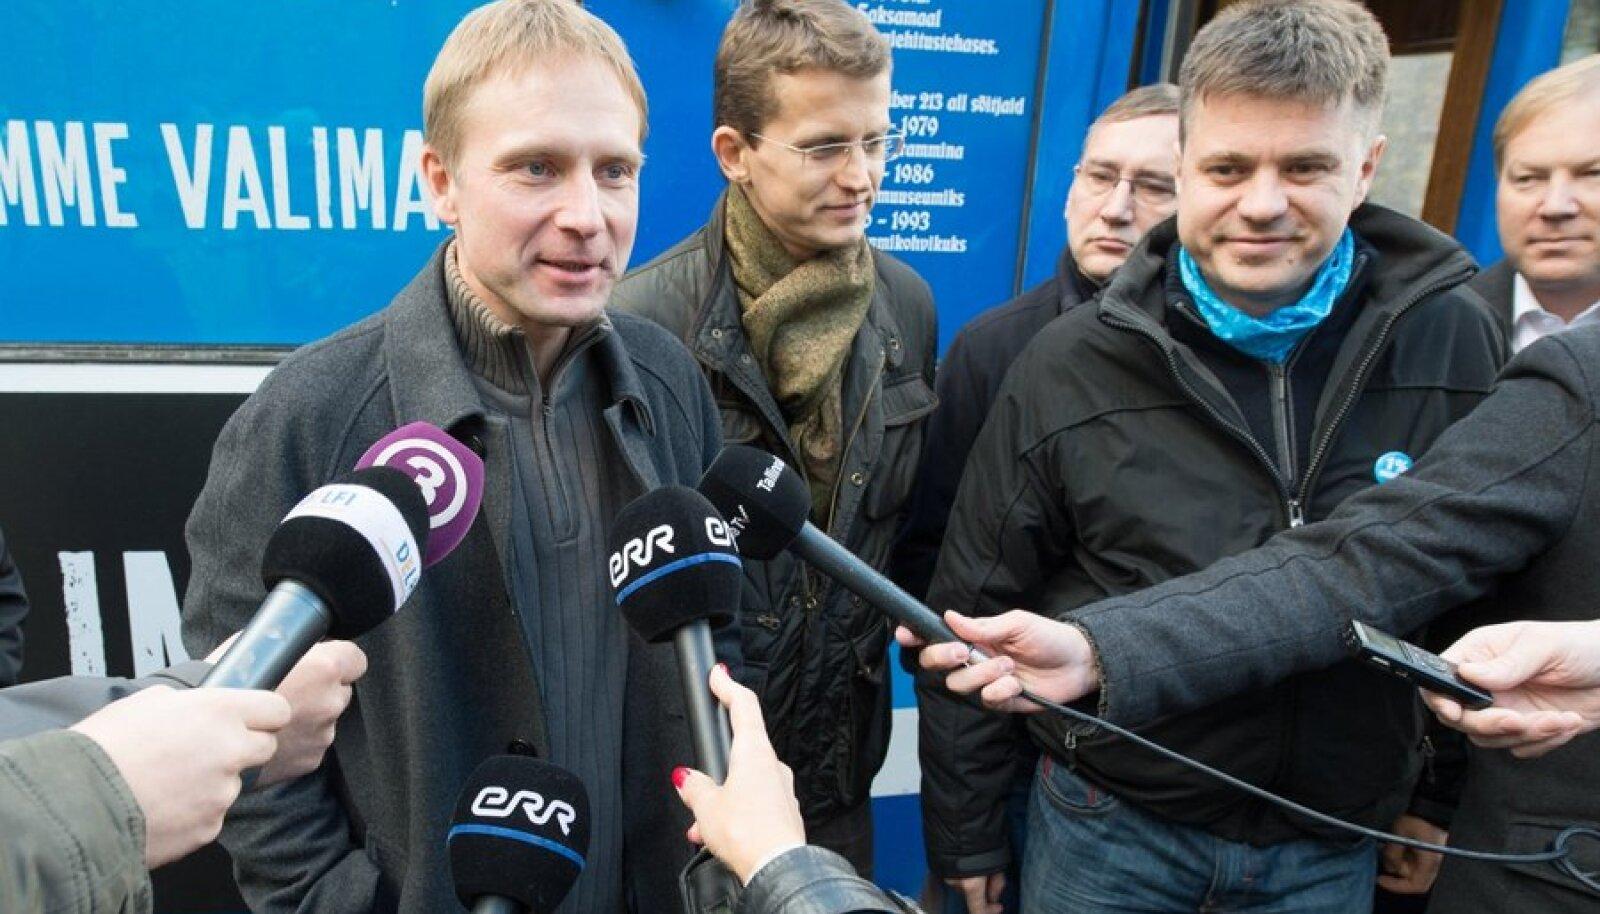 Möödunud oktoobris tormasid Urmas Reinsalu (fotol paremal) ja siseminister Ken-Marti Vaher (keskel) erakonnakaaslasele Eerik-Niiles Krossile appi ja korraldasid välkpressikonverentsi, kui Interpol Krossi tagaotsitavaks kuulutas.